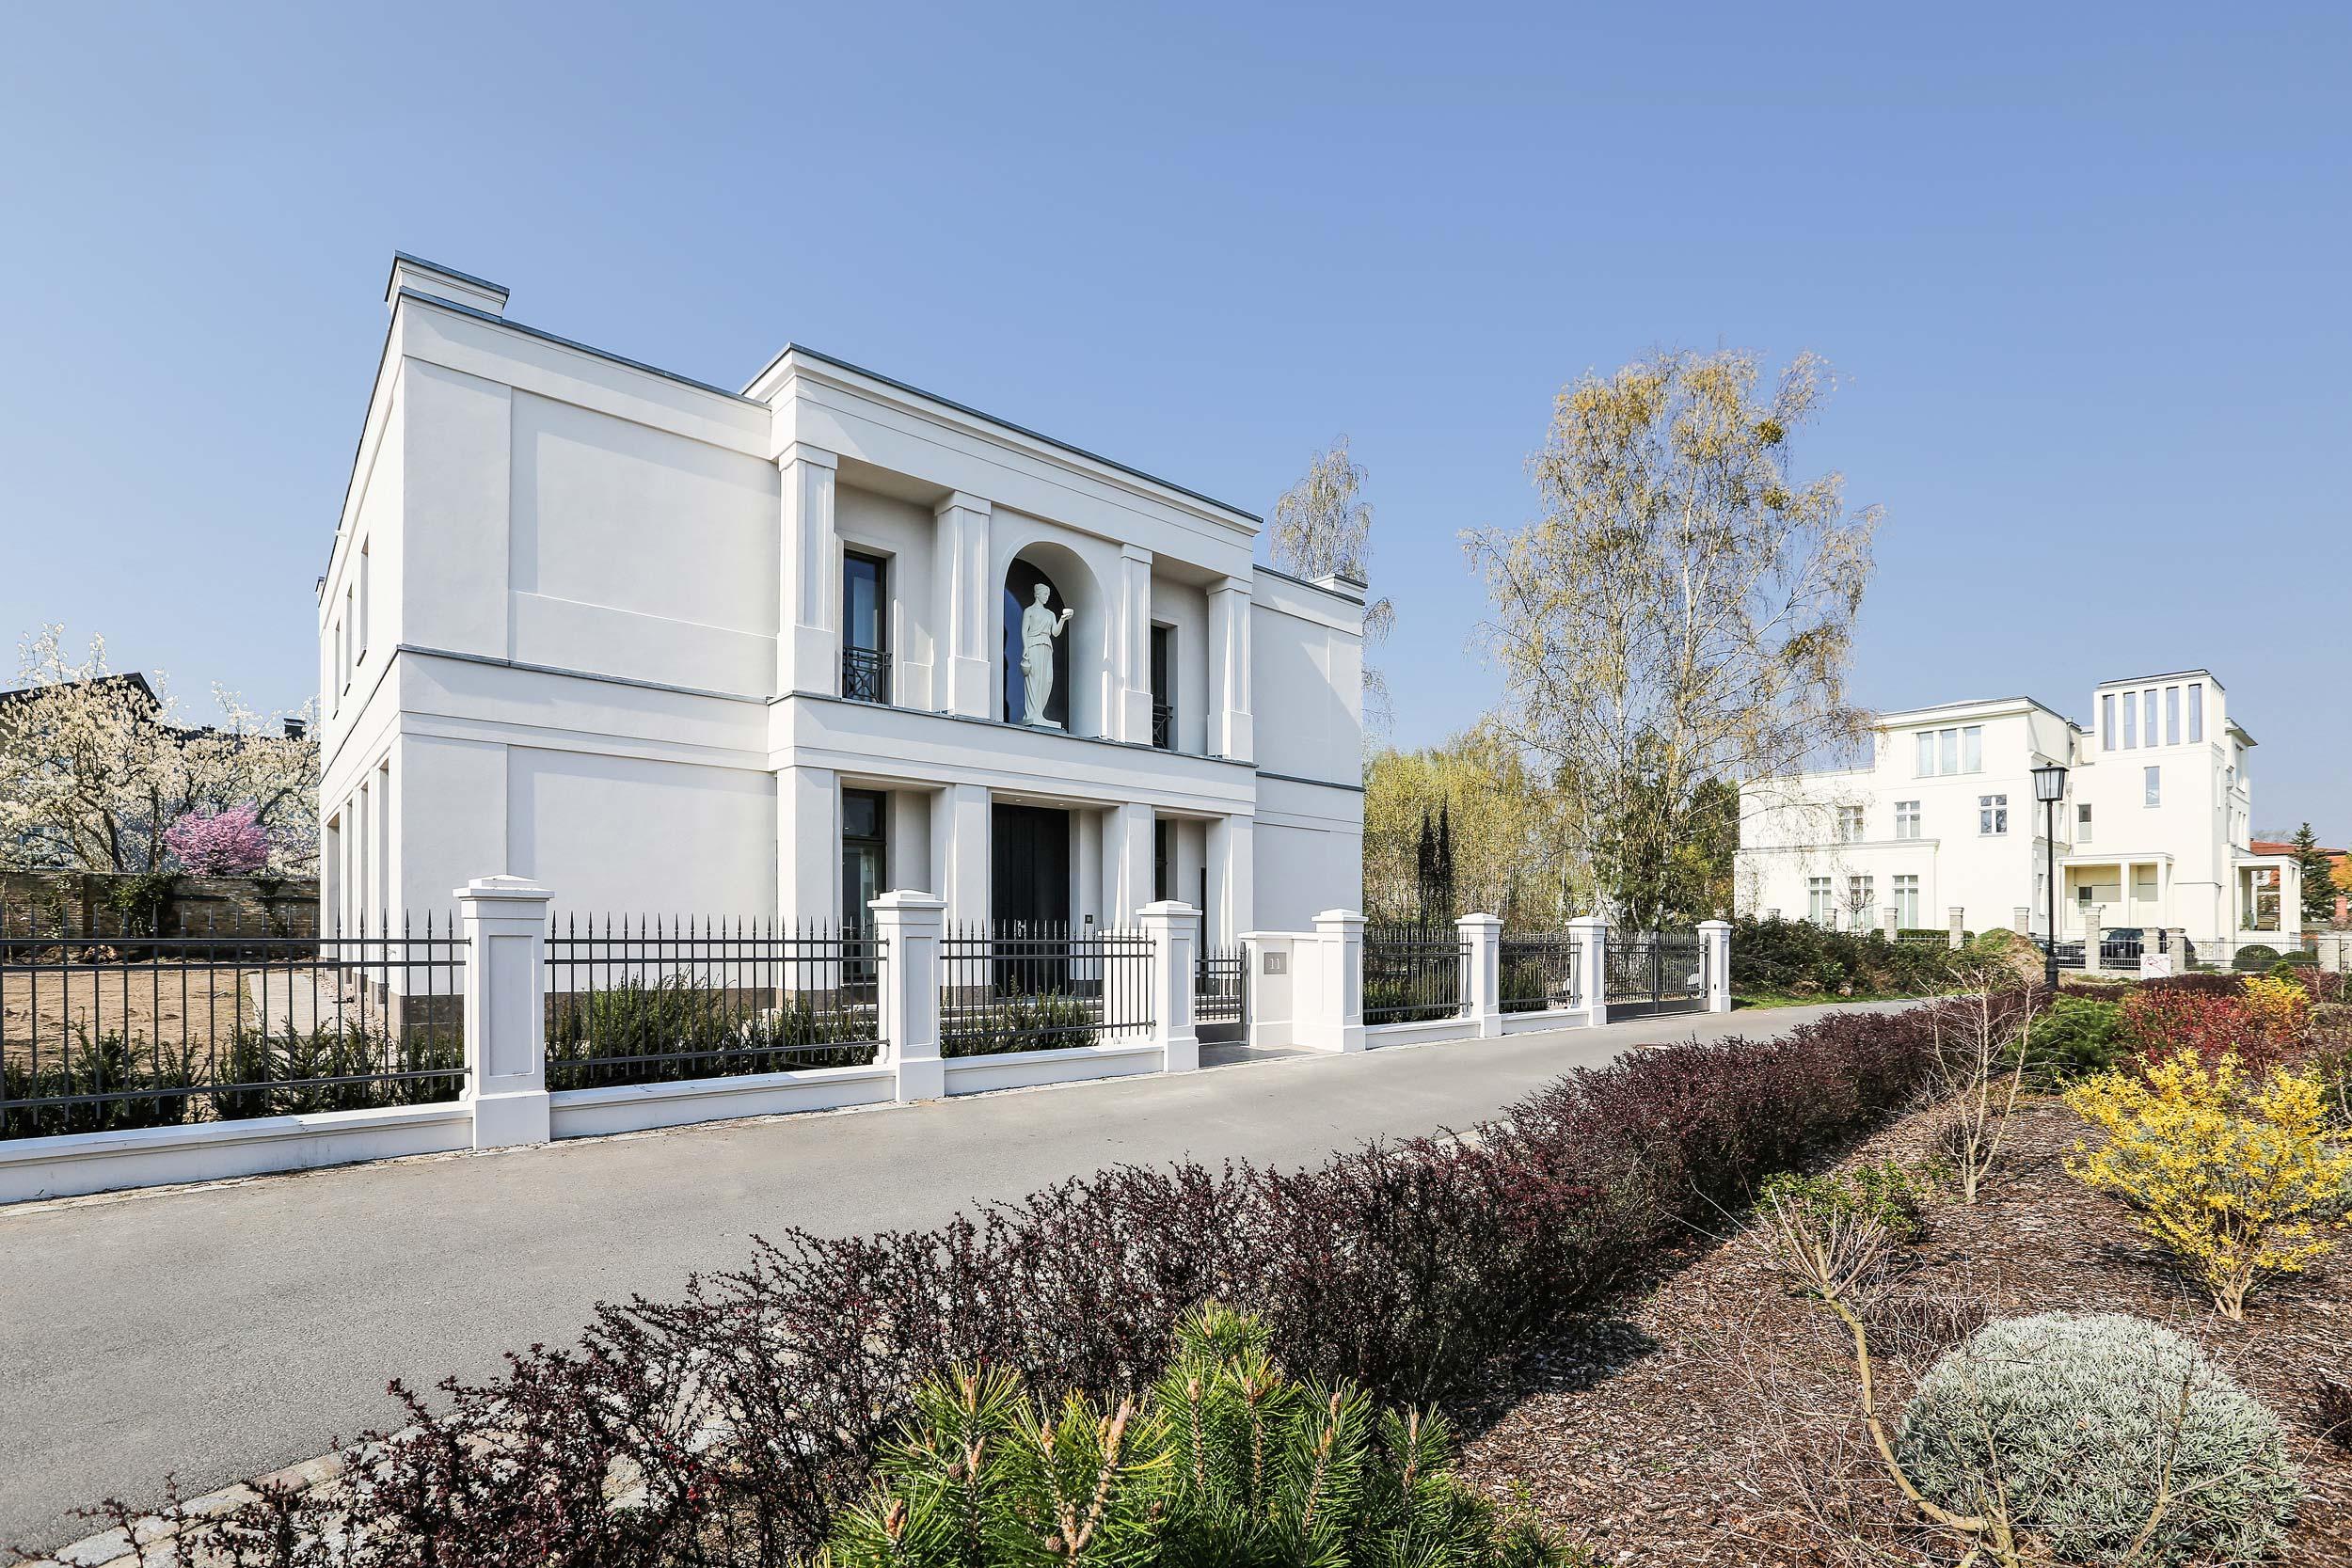 Neubau einer Villa im Klassik-Stil in Potsdam - Haus, Garten- und Zaunanlage ordnen sich in seiner Gesamterscheinung in den baulichen Kontext ein.